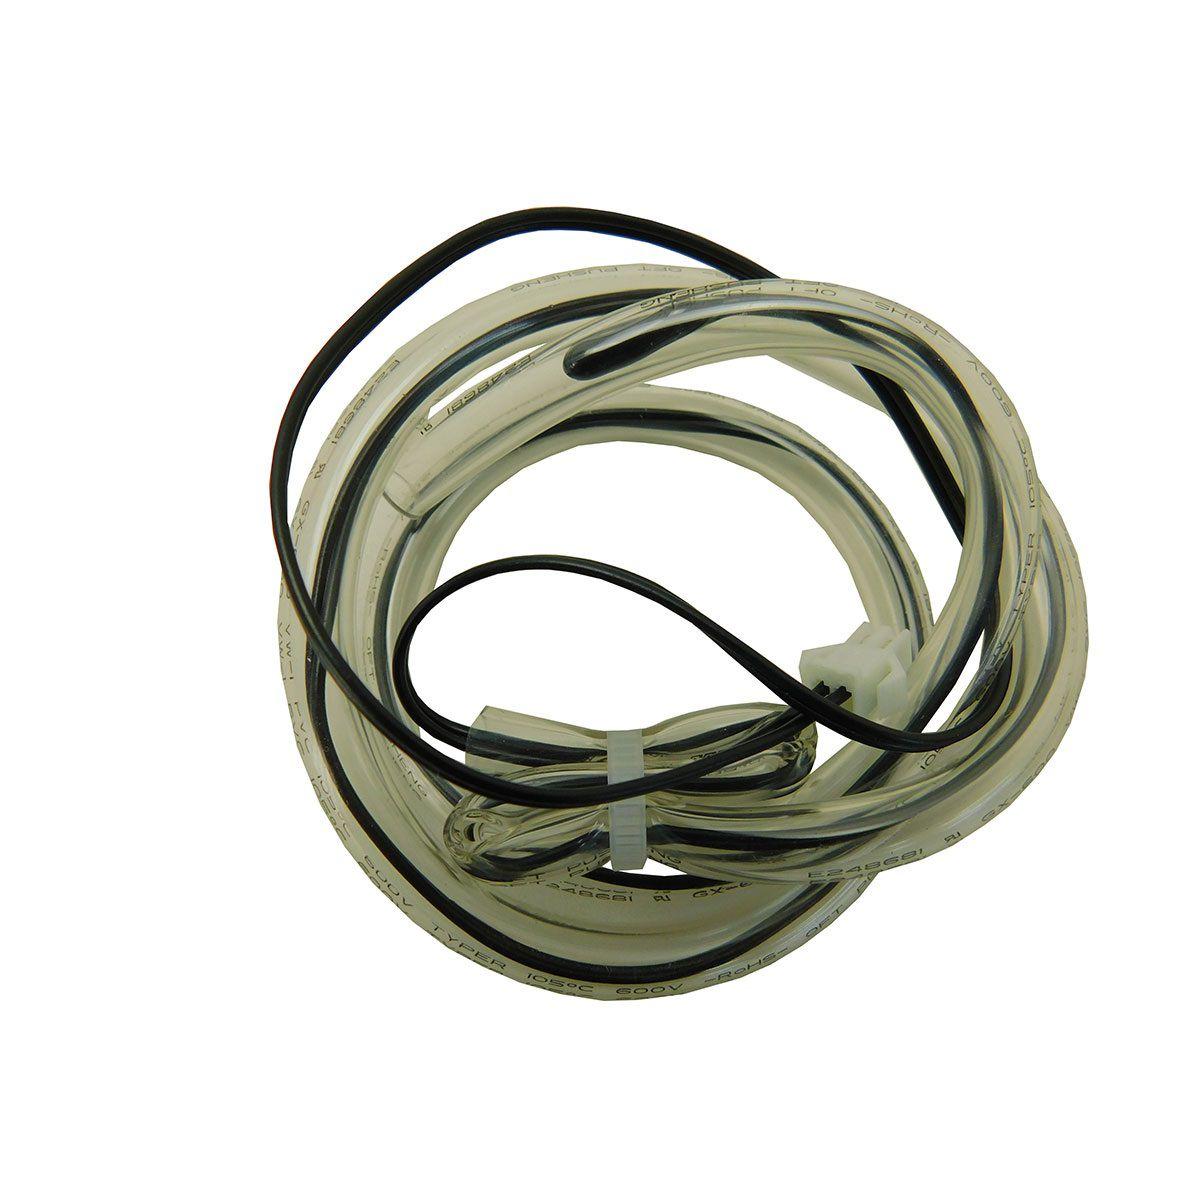 Sensor de Temperatura da Condensadora Midea Inverter Conector Branco 11201007000039